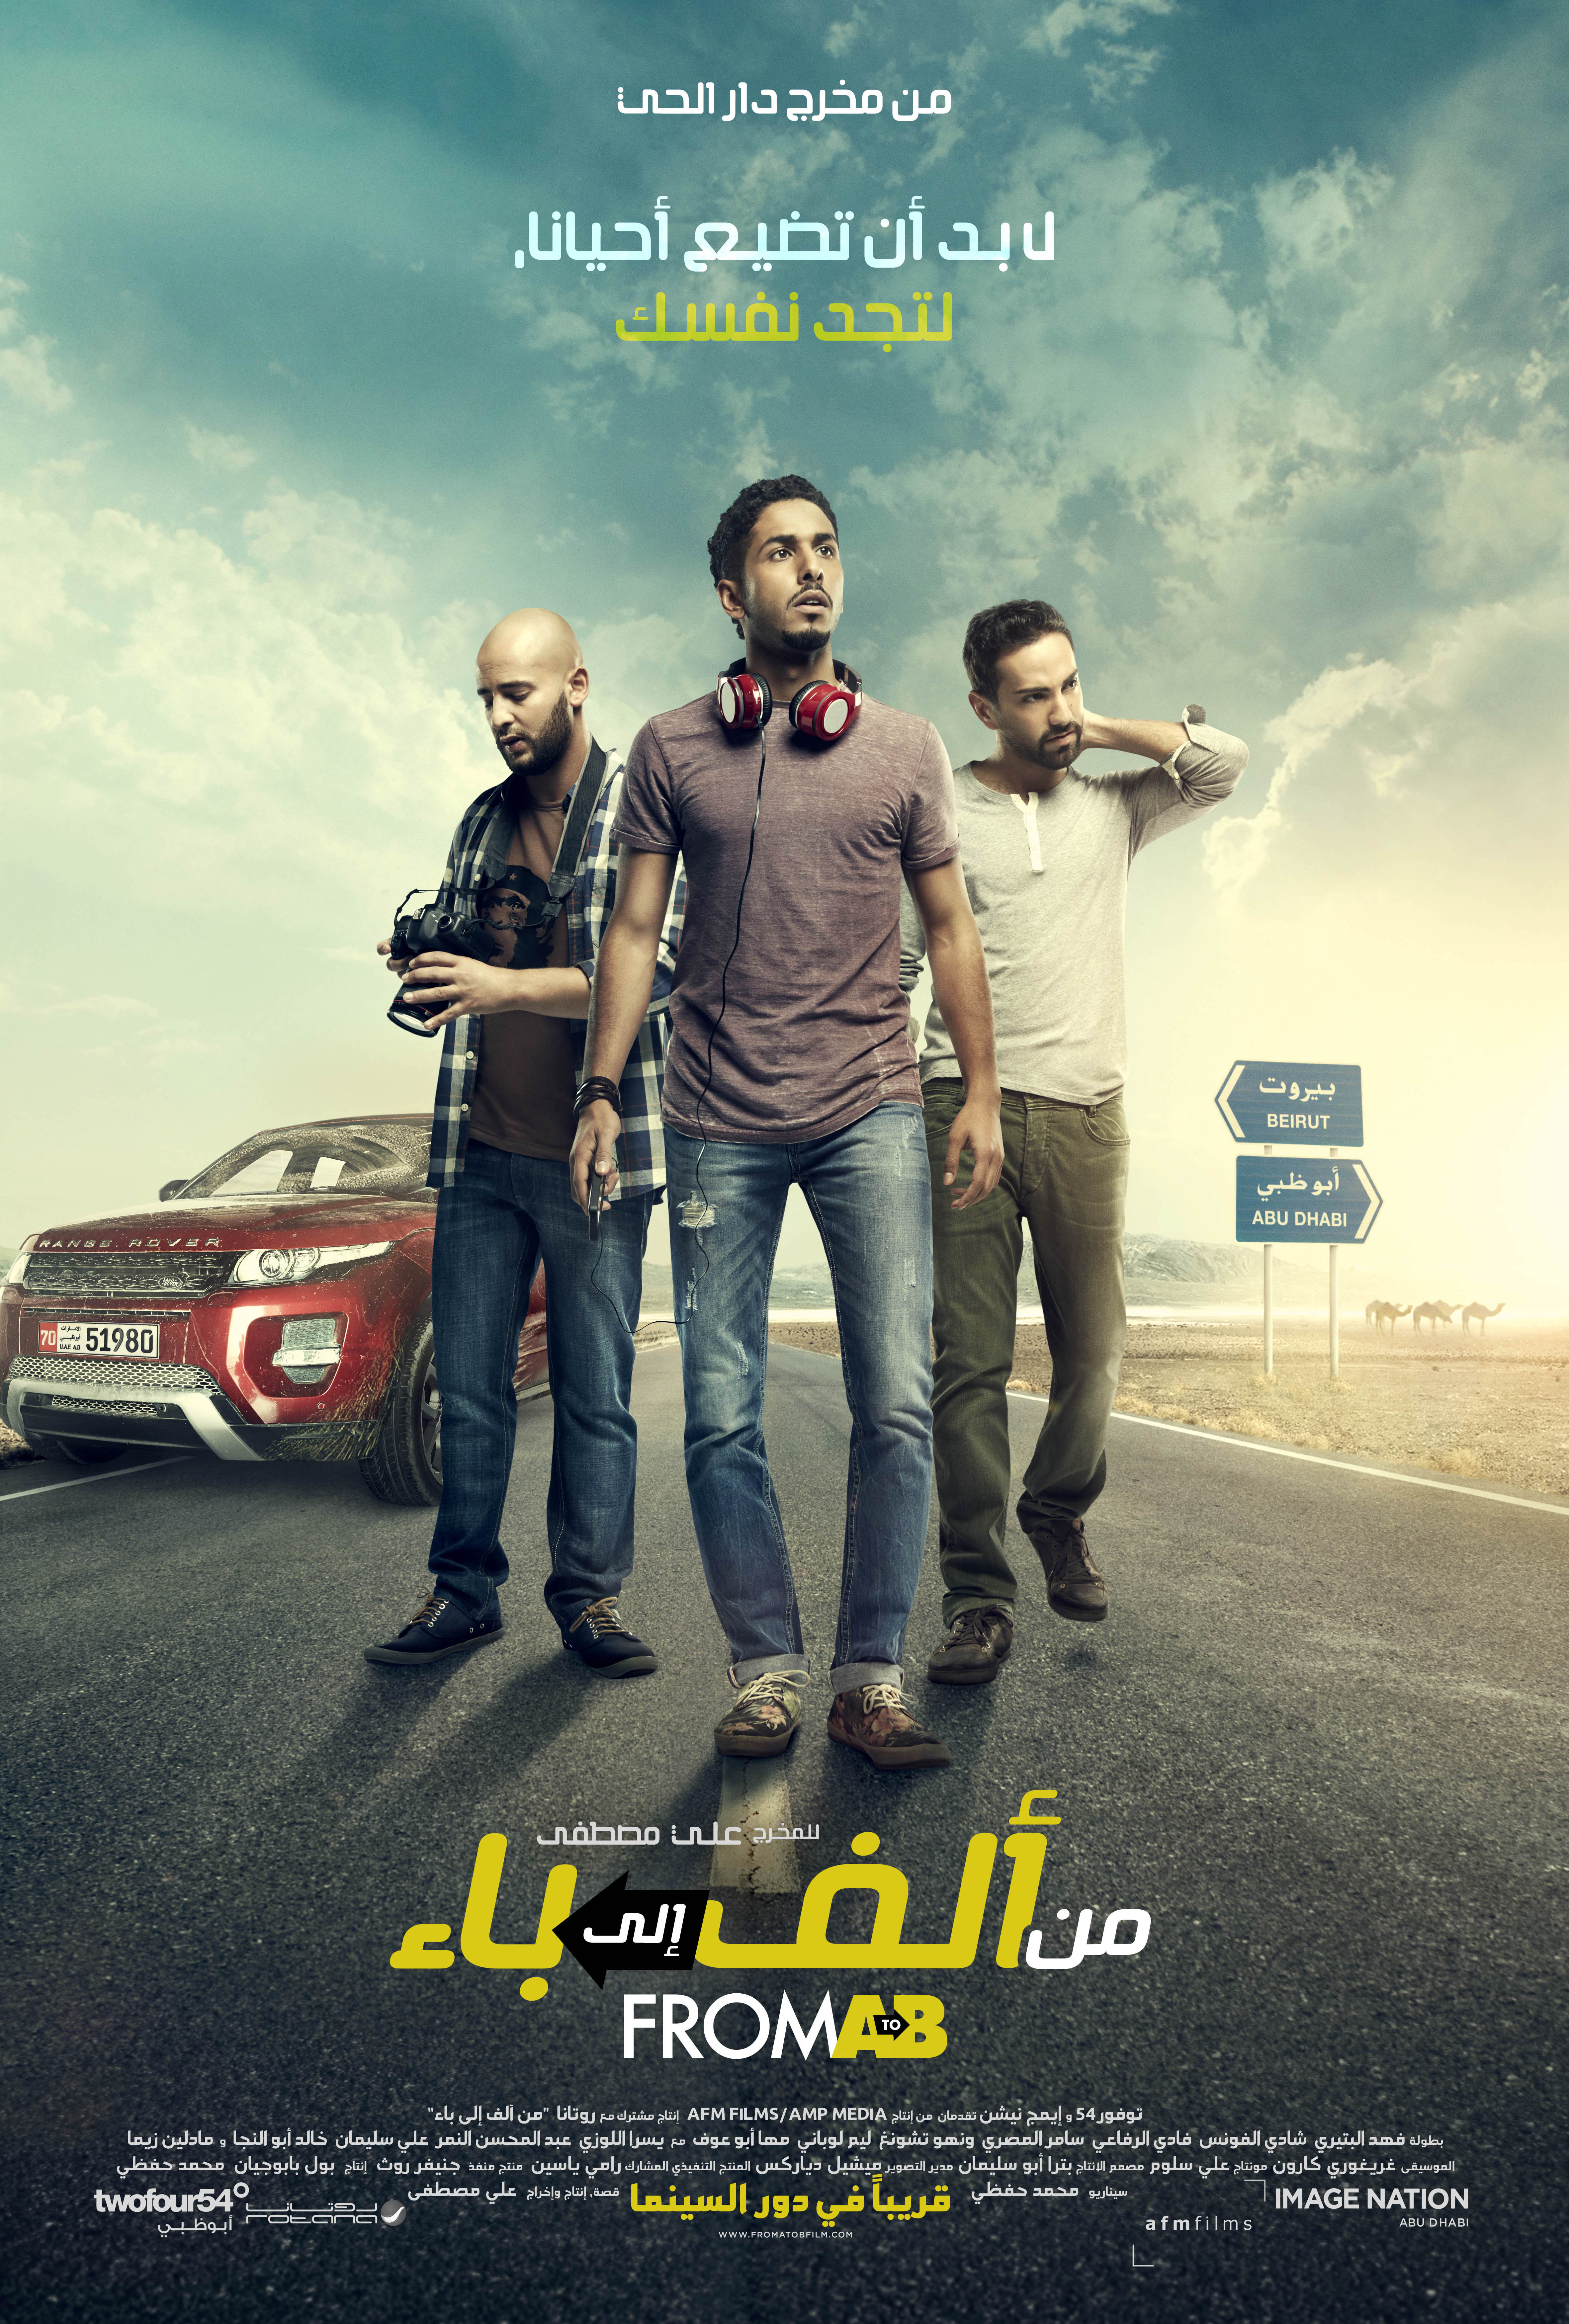 فيلم من ألف إلى باء أولى الأفلام الإماراتية على آي تيونز